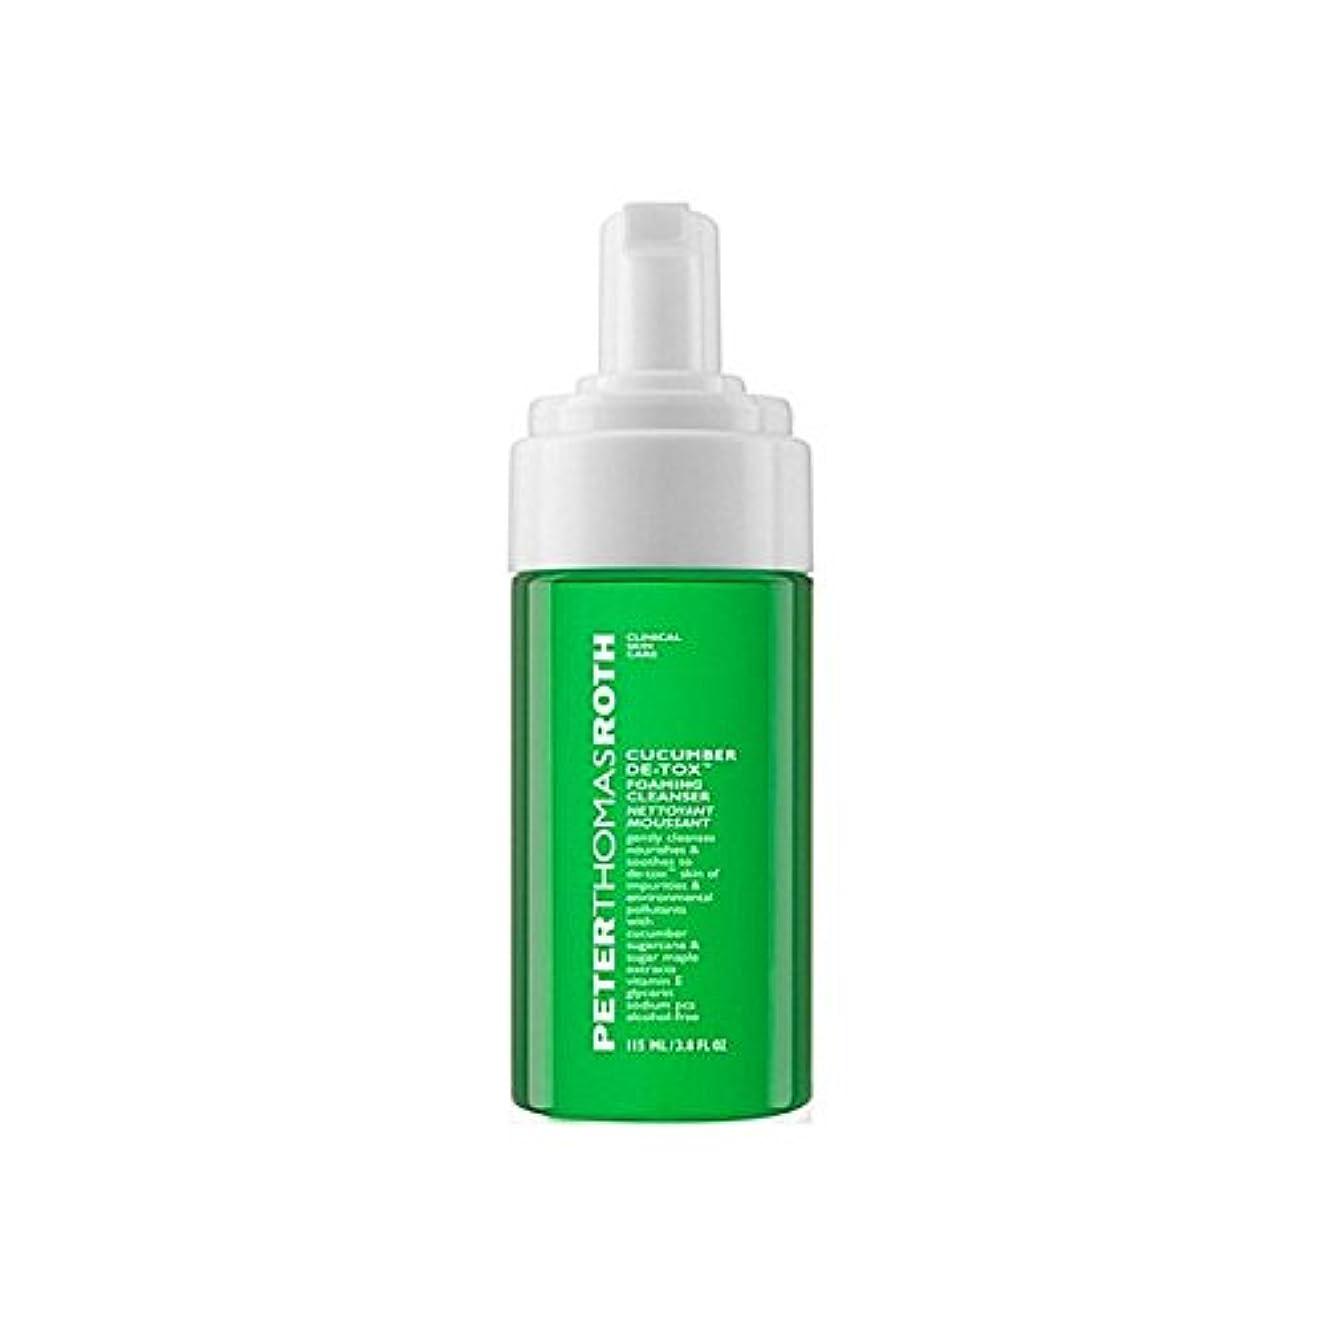 ベーカリーサルベージ観察ピータートーマスロスキュウリデ発泡クレンザー x4 - Peter Thomas Roth Cucumber De-Tox Foaming Cleanser (Pack of 4) [並行輸入品]